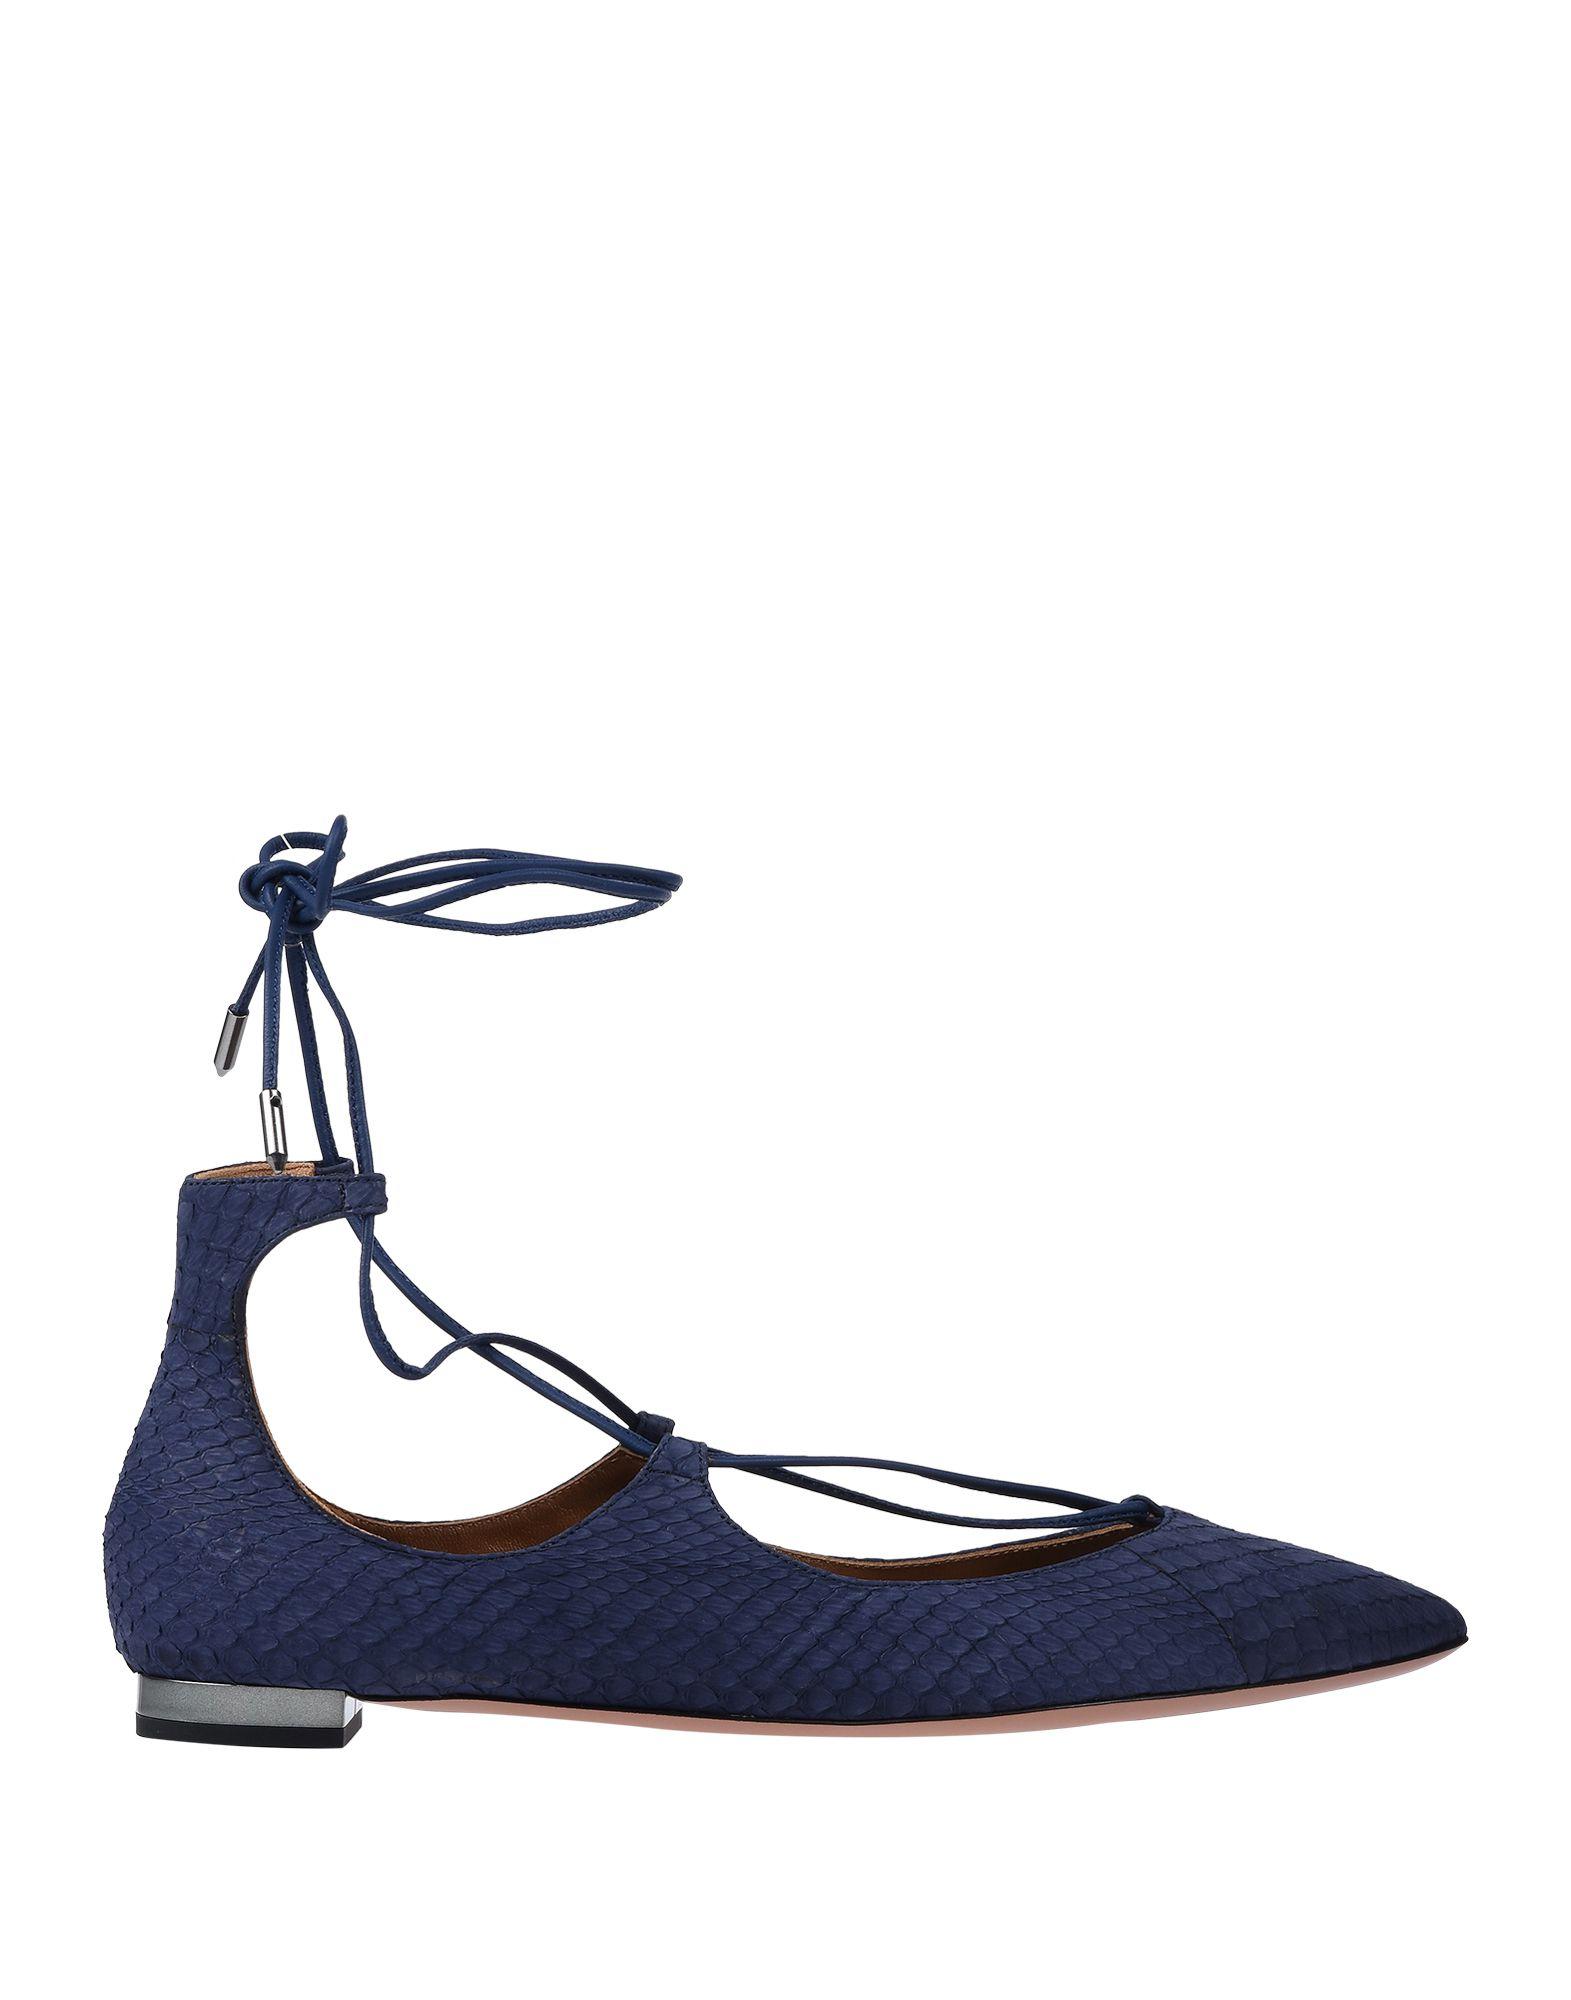 f51bbf0b Zapatos para mujer online, zapatos de marca y a la moda para Colección  Primavera-Verano y Otoño-Invierno